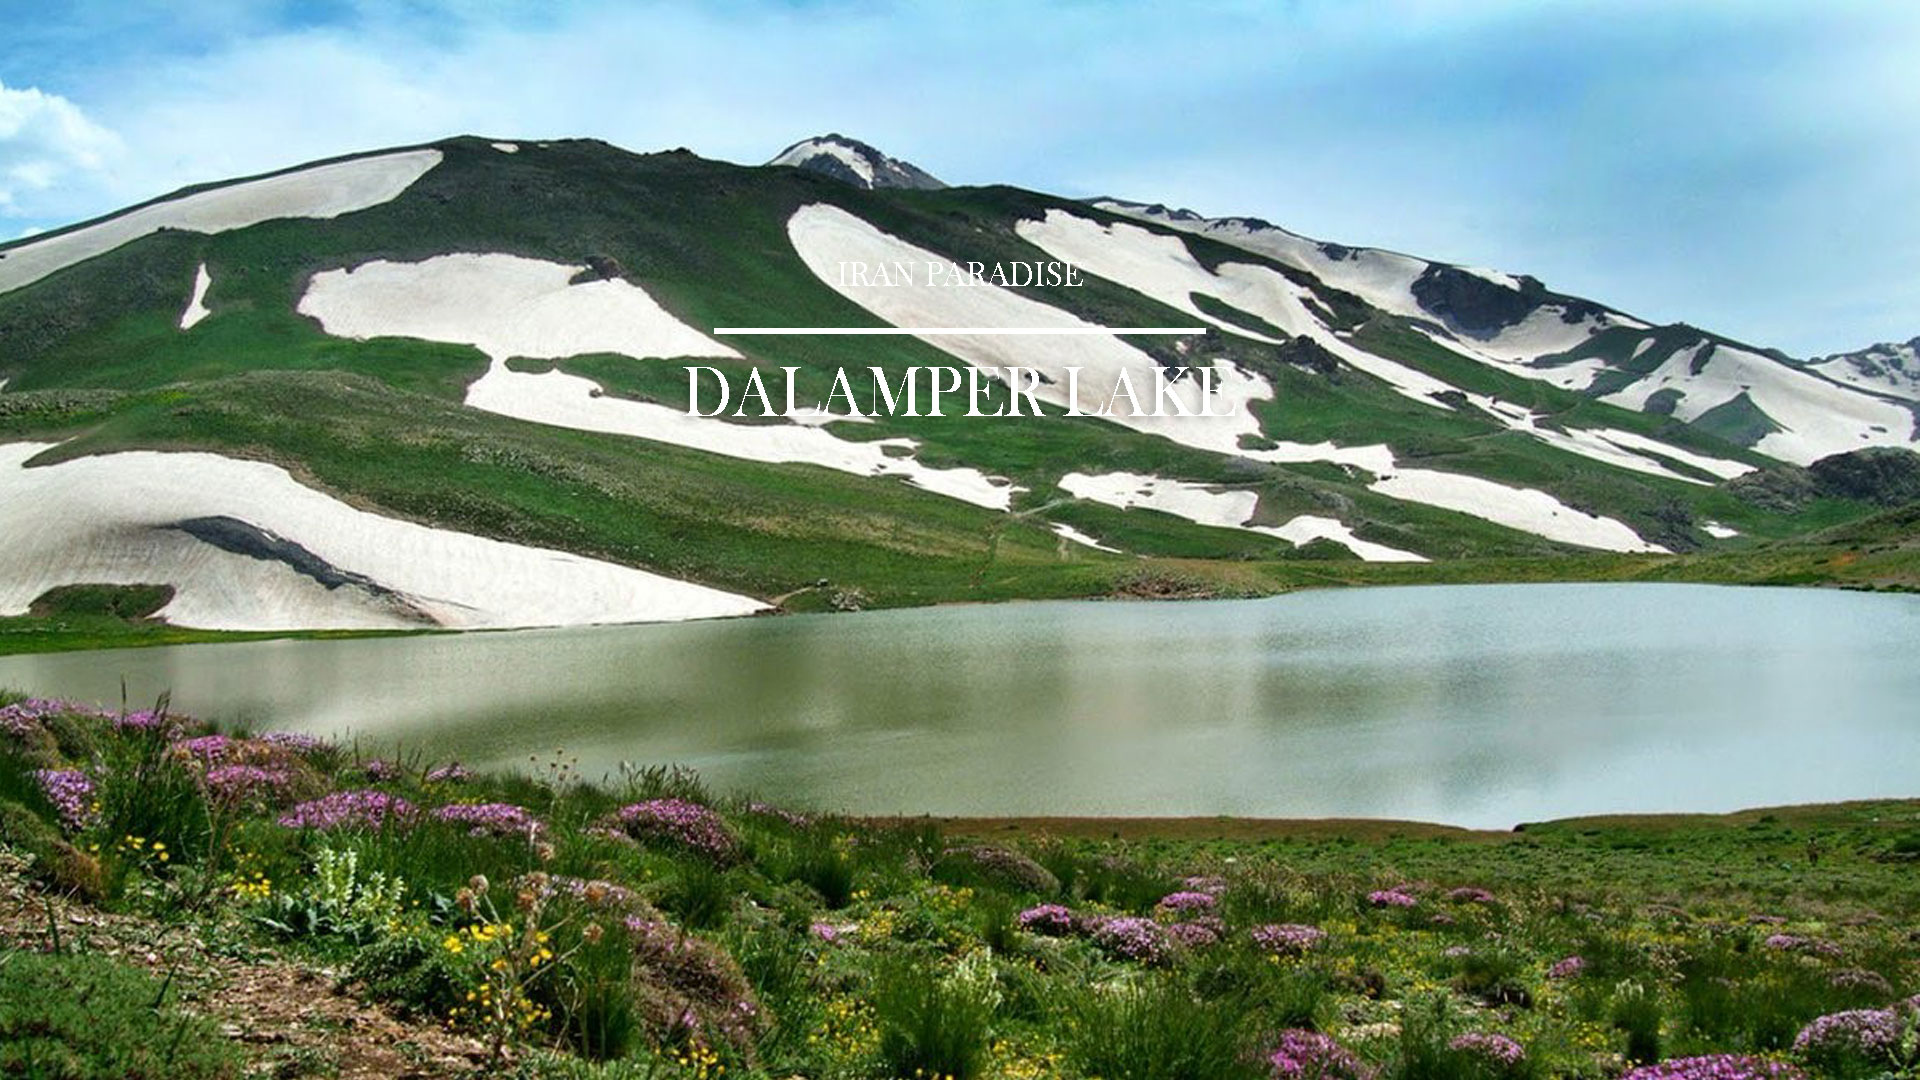 dalamper-lake